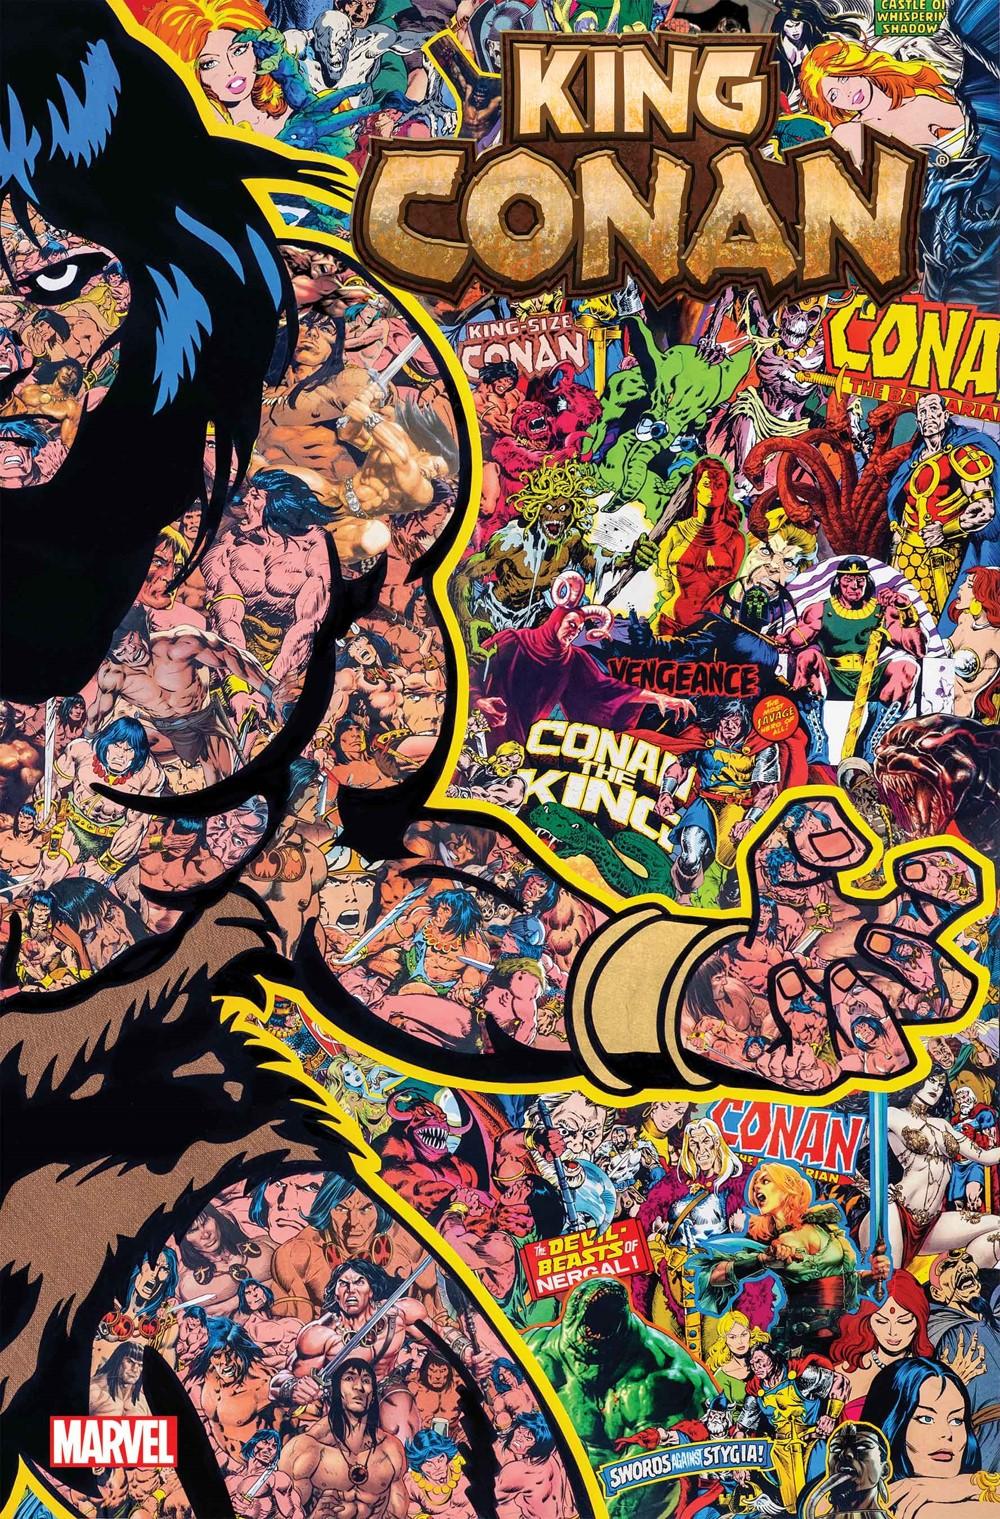 KingConan_2021_Garcin_VAR Marvel Comics December 2021 Solicitations